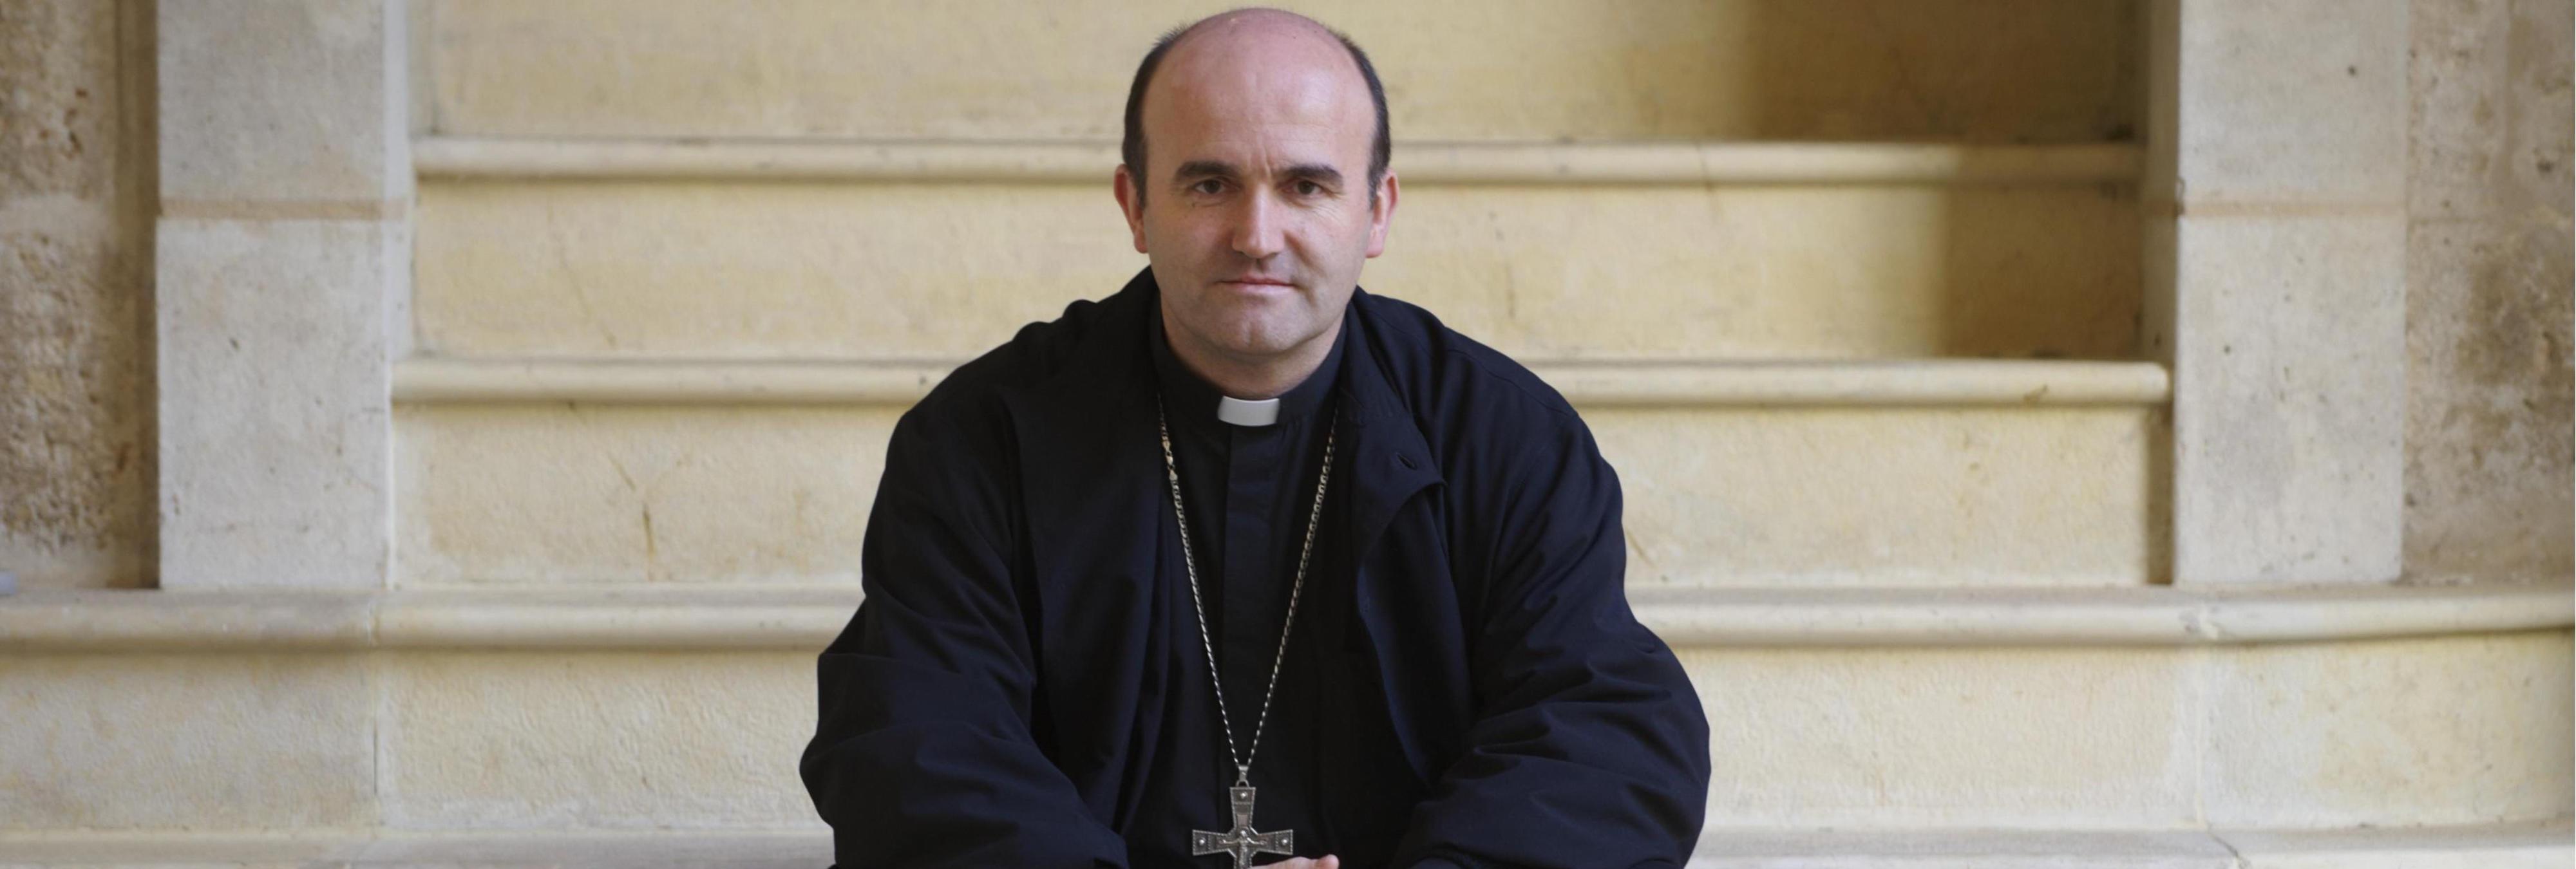 """El obispo Munilla: """"los resultados del 20D son el retrato de una sociedad enferma"""""""